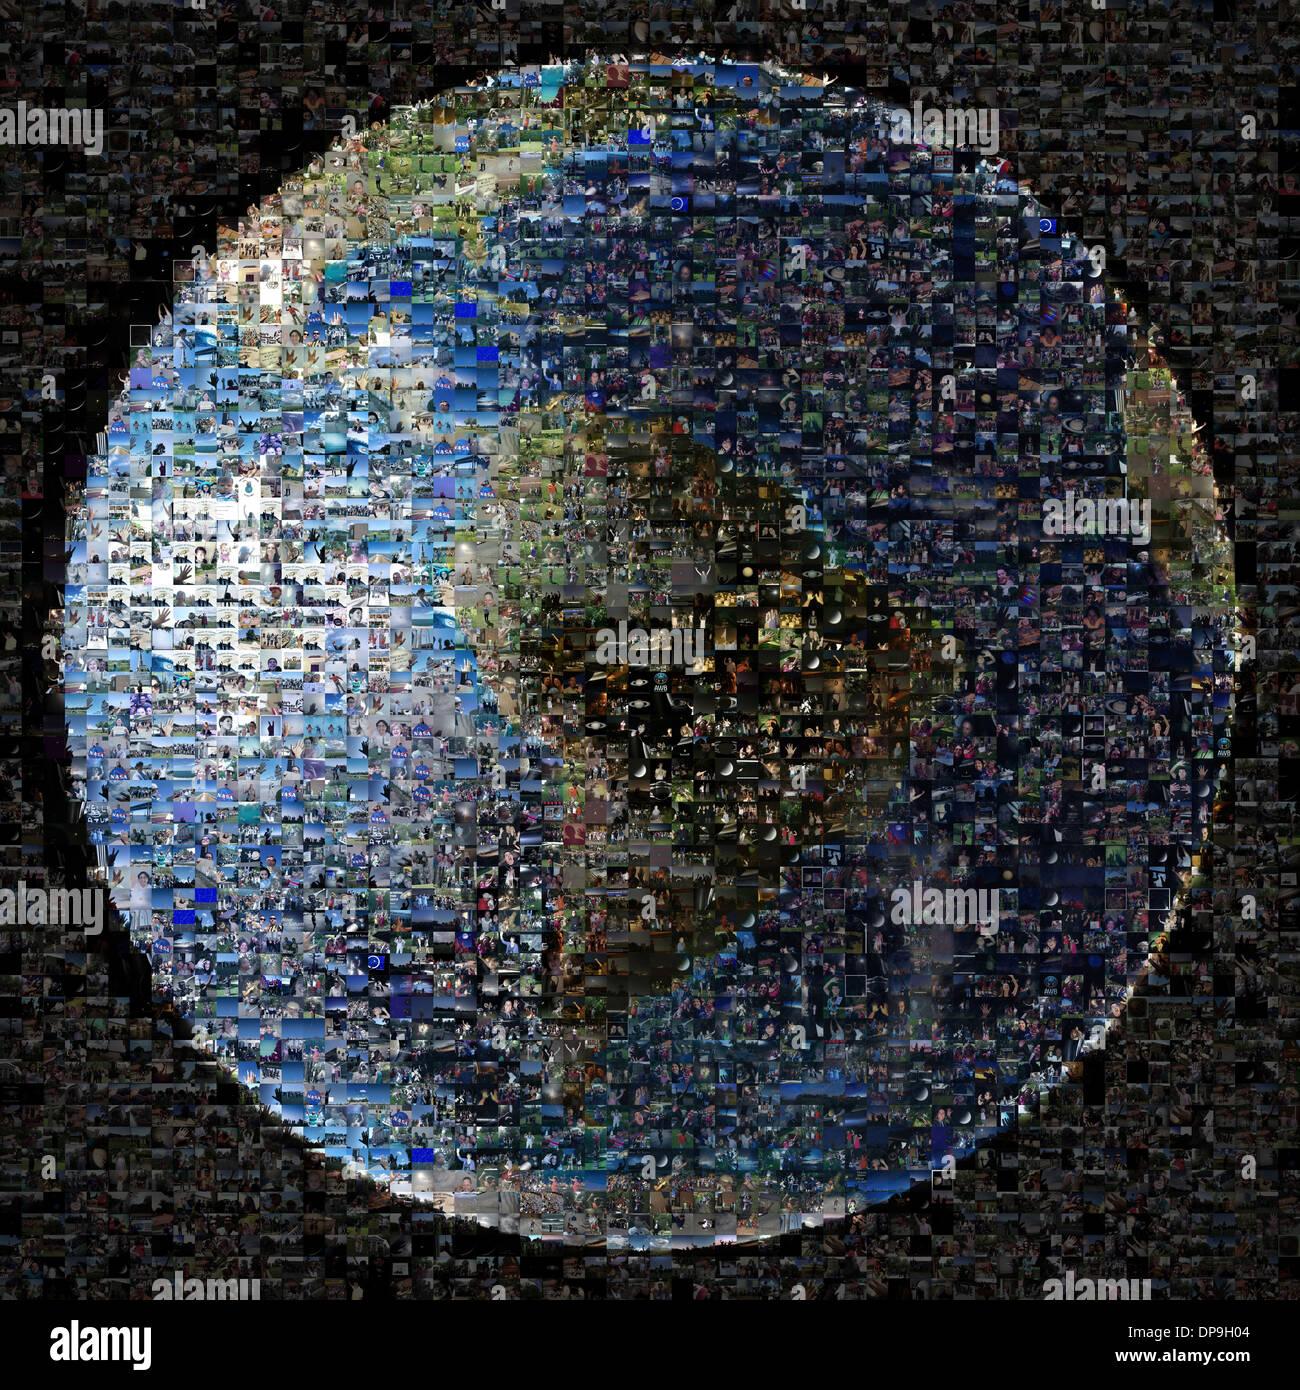 Composito di 1400 immagini come parte dell'onda a Saturno evento organizzato dalla NASA la missione Cassini Immagini Stock